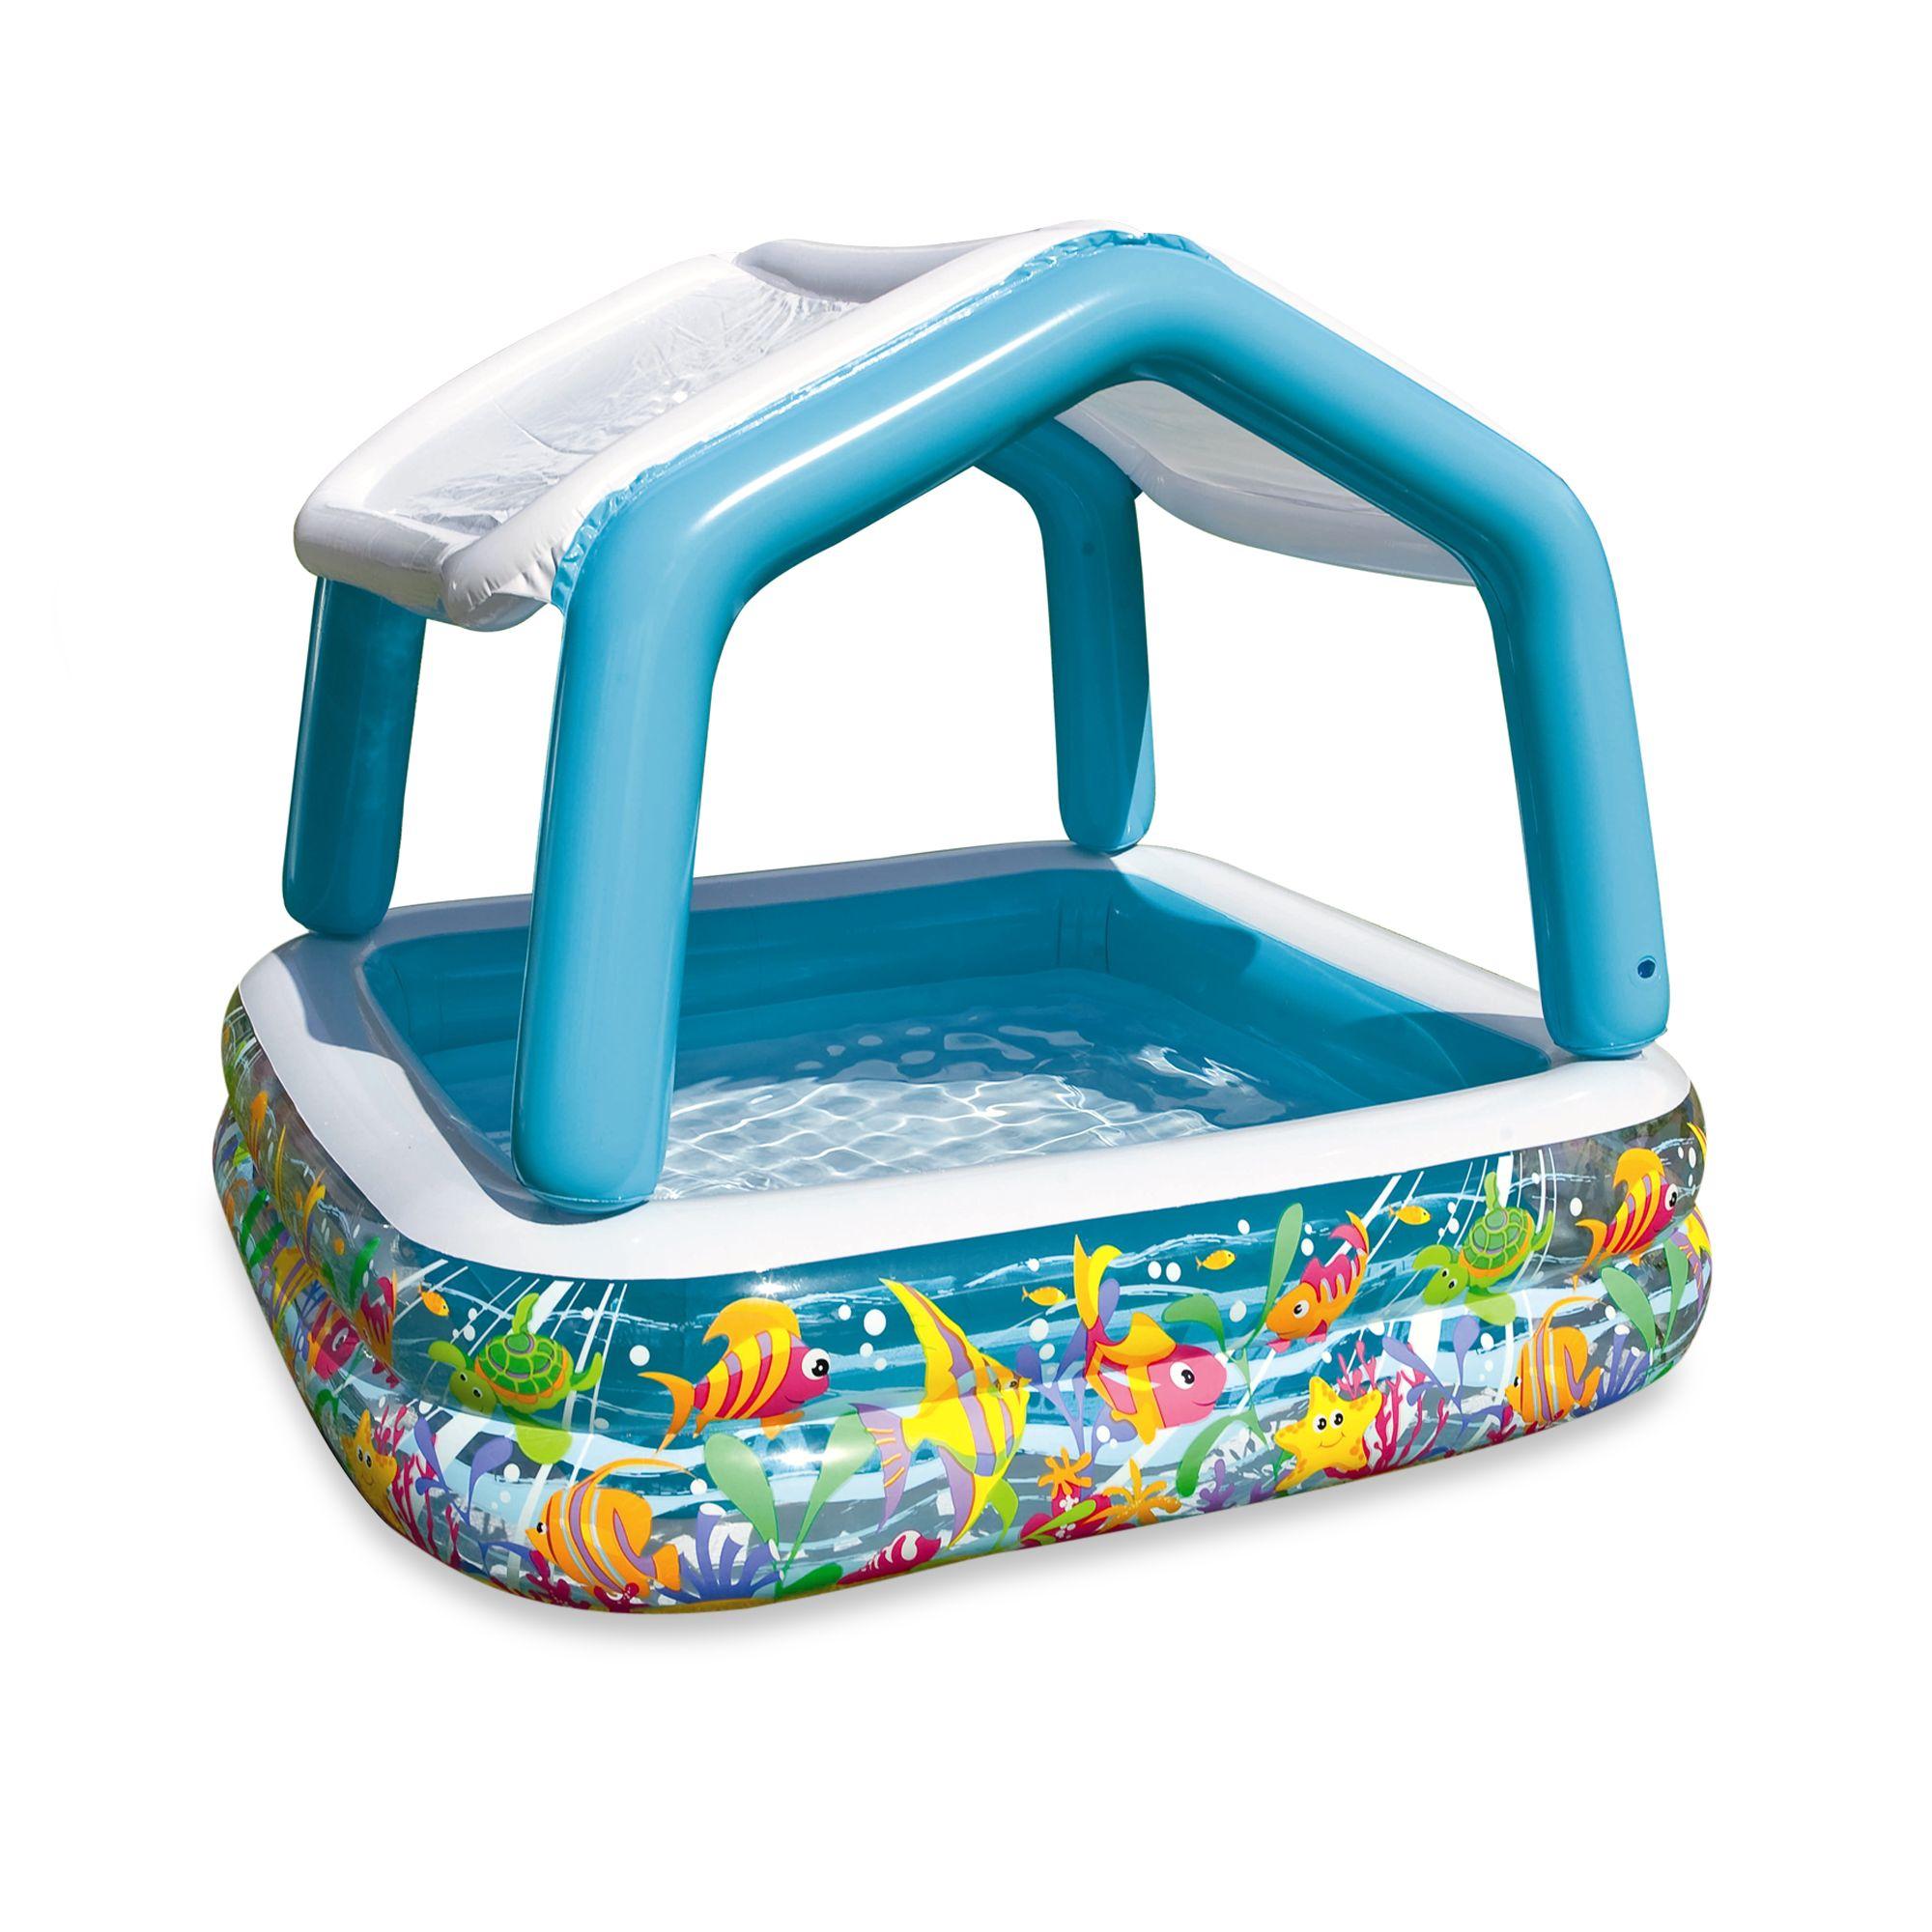 Intex® Sun Shade Pool